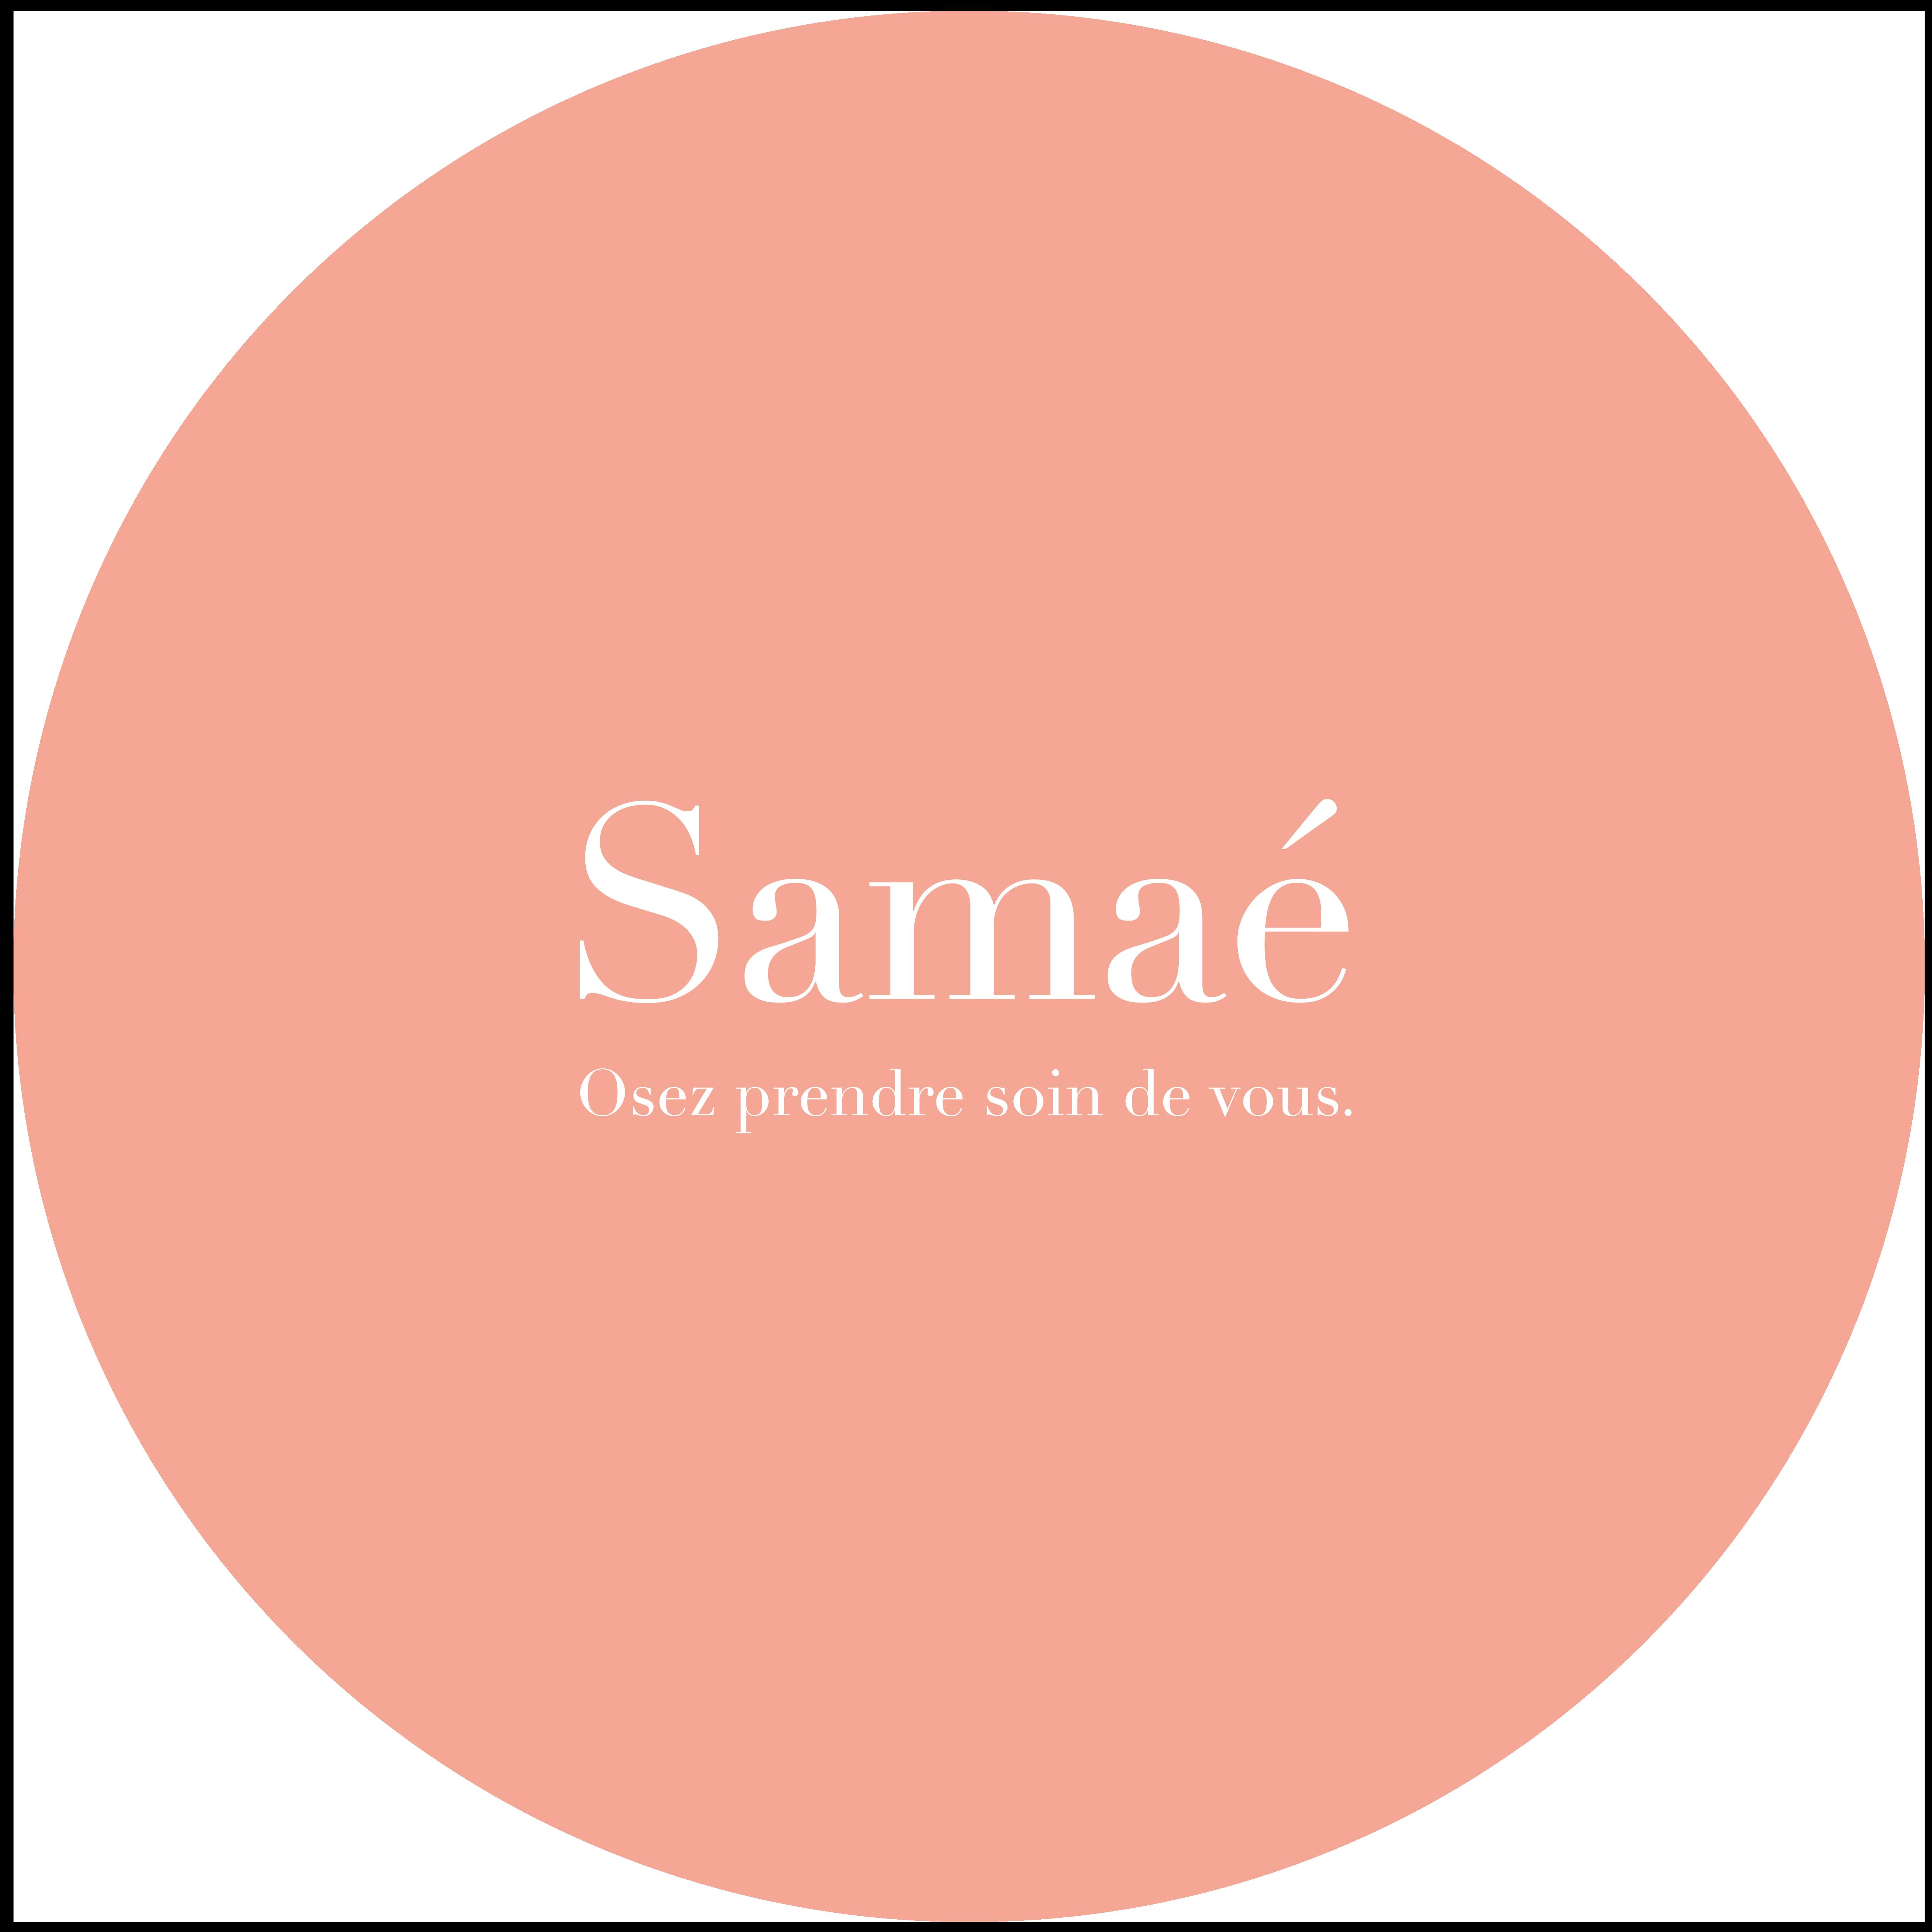 samaé 1